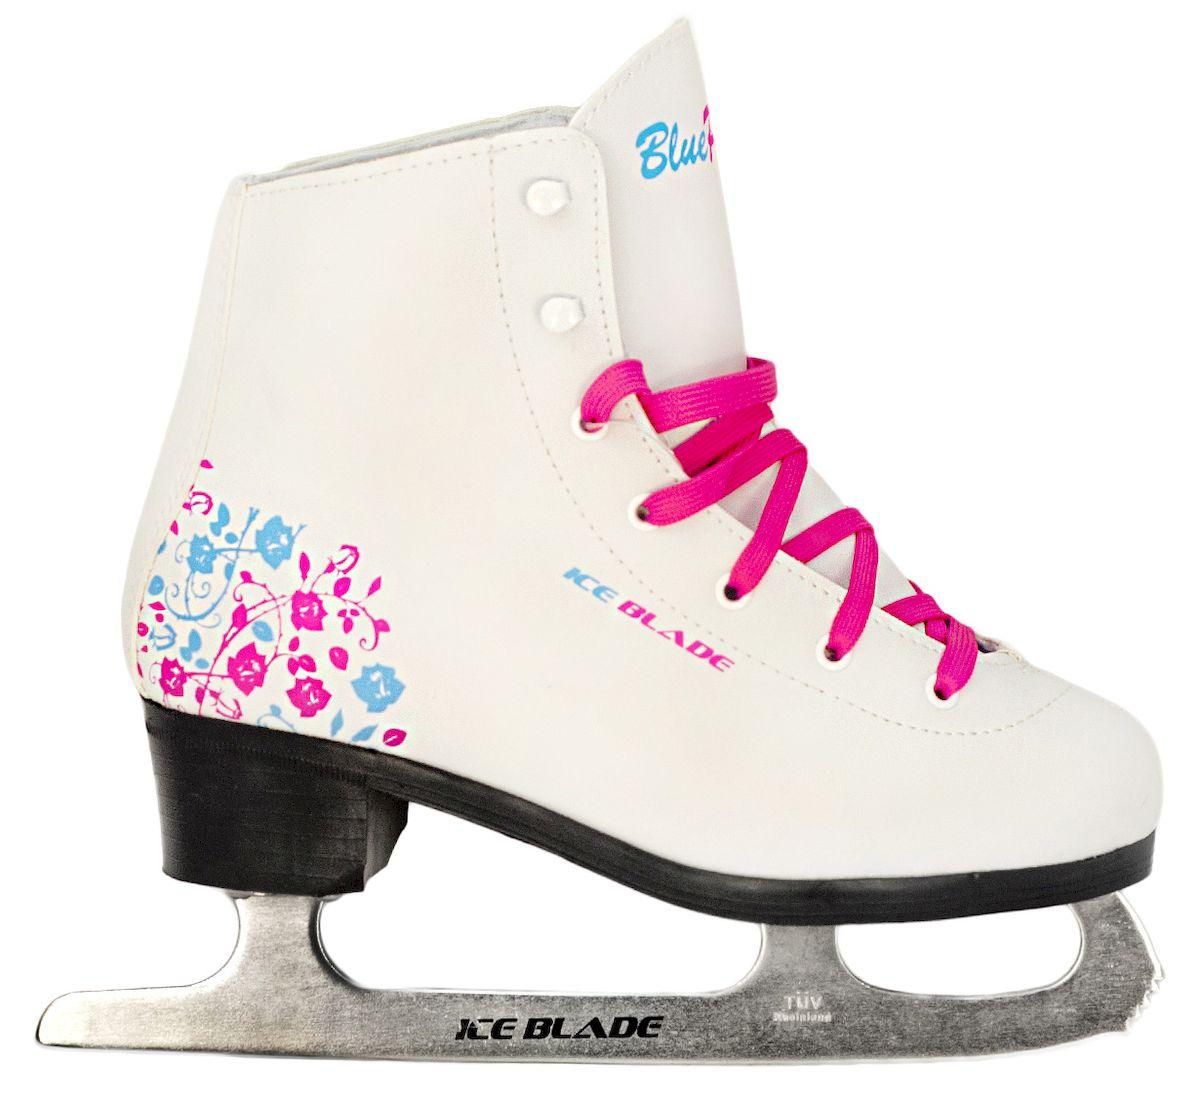 Коньки фигурные Ice Blade BluePink, цвет: белый, розовый, голубой. УТ-00006869. Размер 38